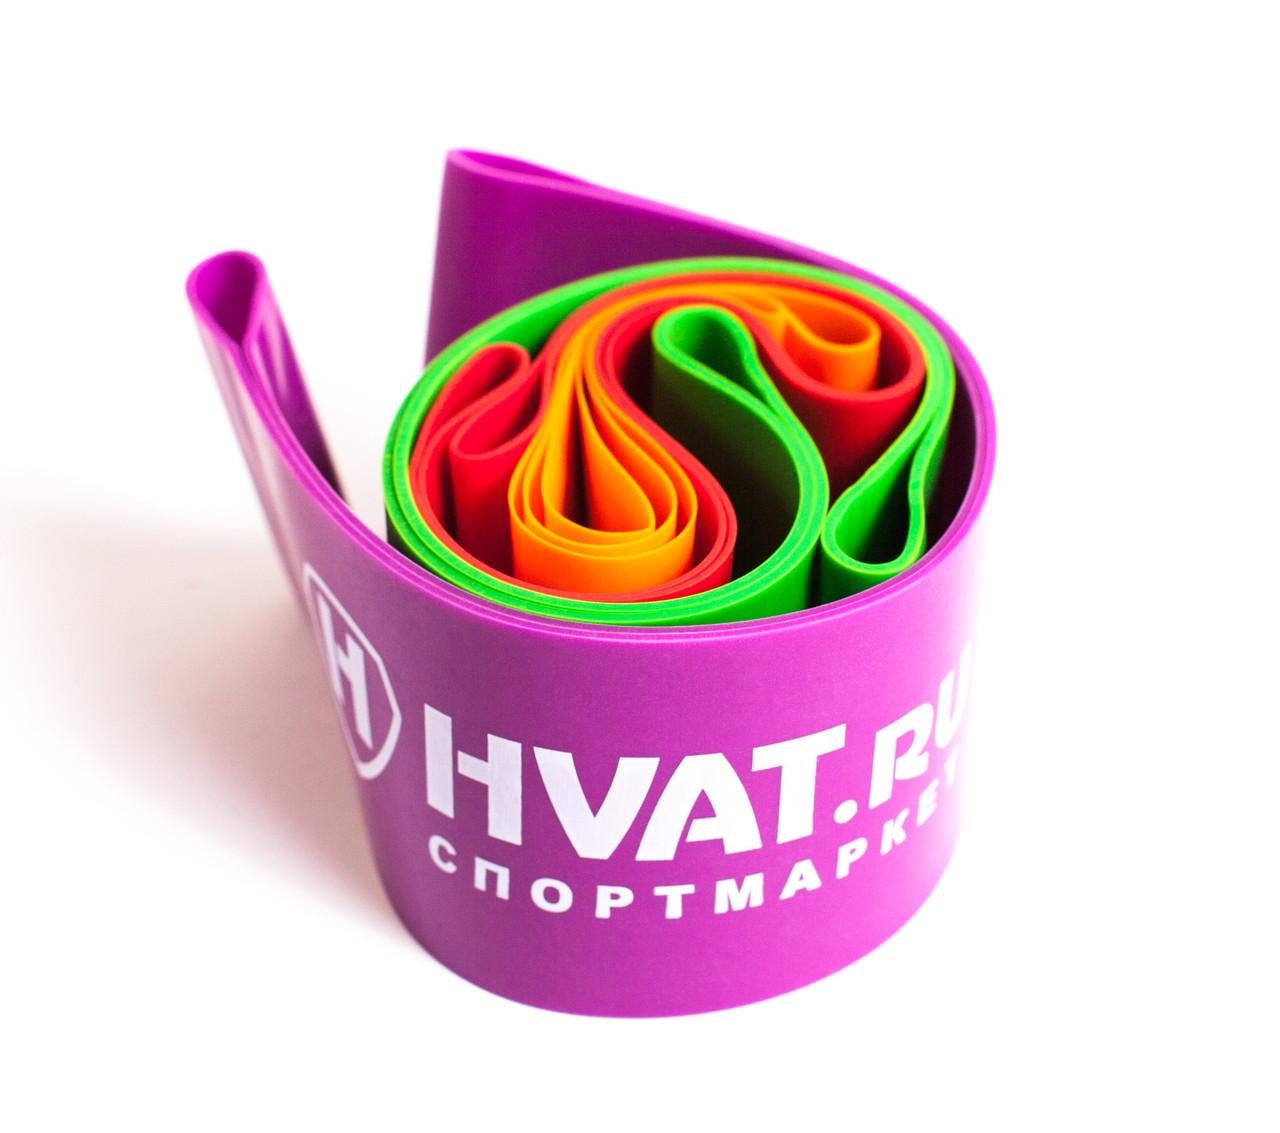 Набор резинок эспандеров для фитнеса HVAT. (Мини-петли) для фитнеса, набор в чехле - фото 6